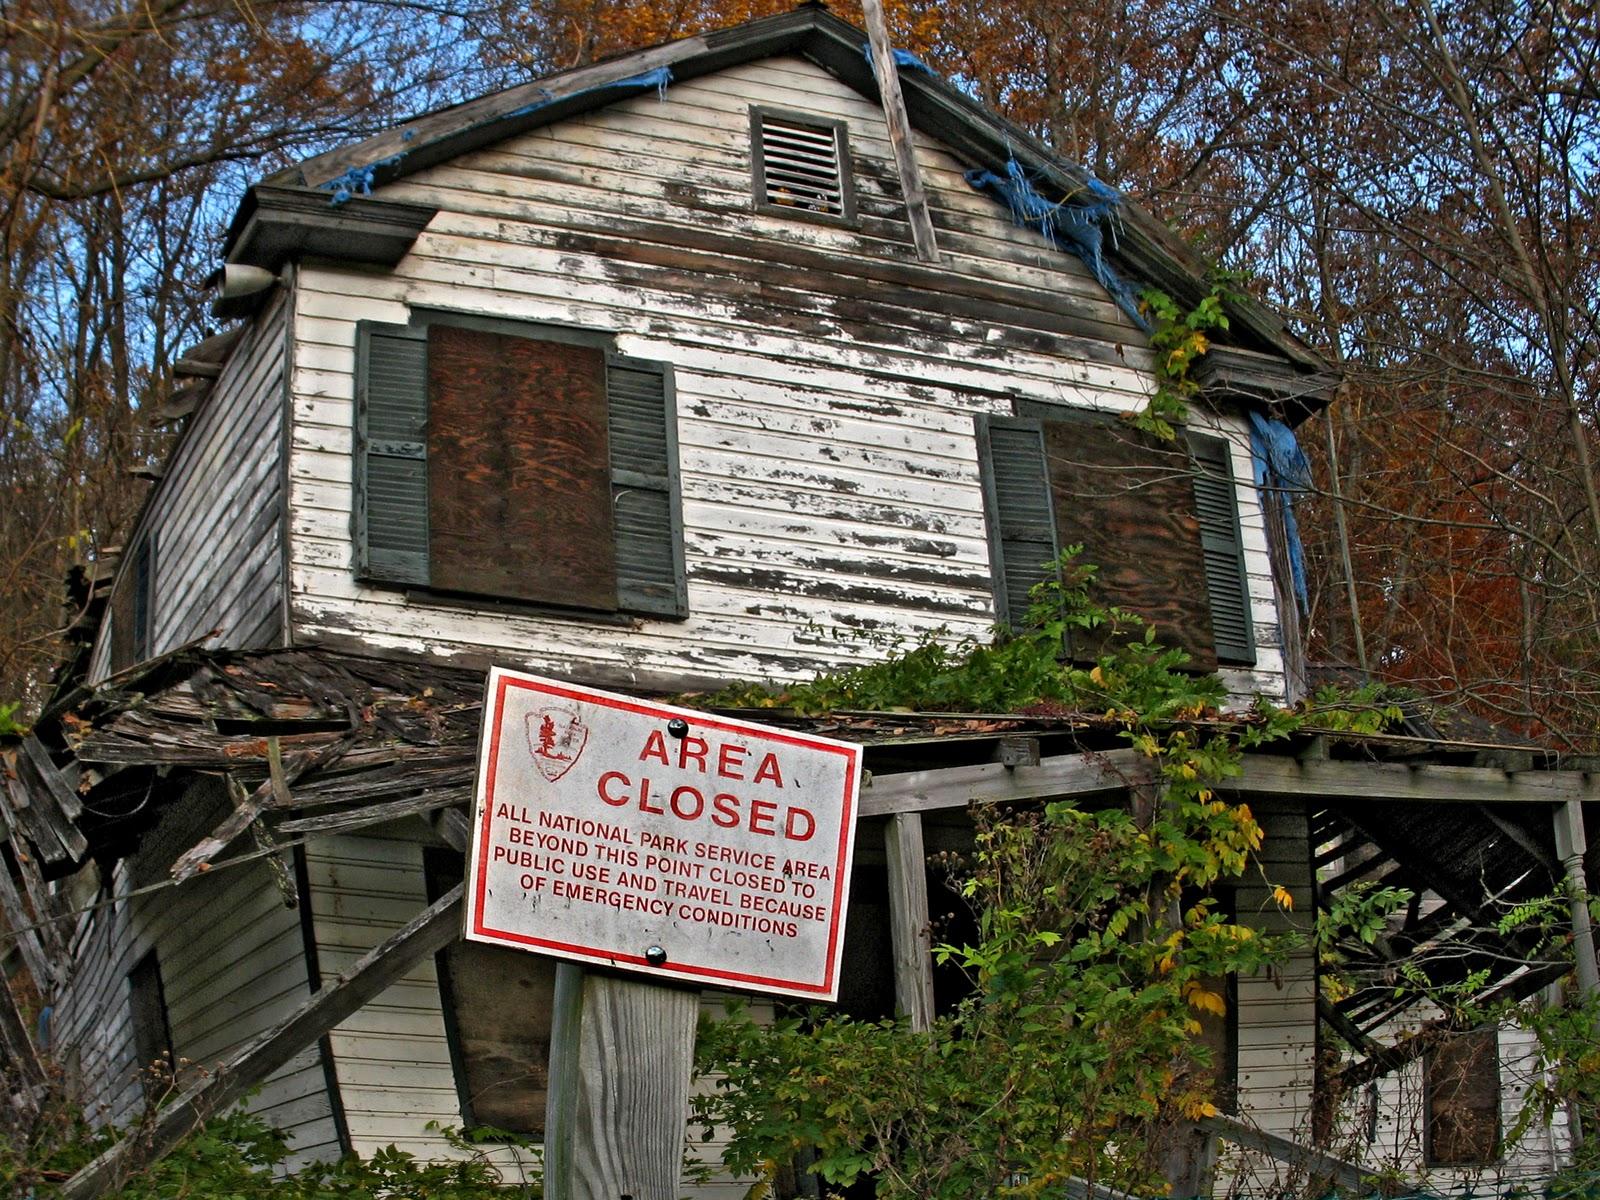 Landmarks: Grover Cleveland Slept Here